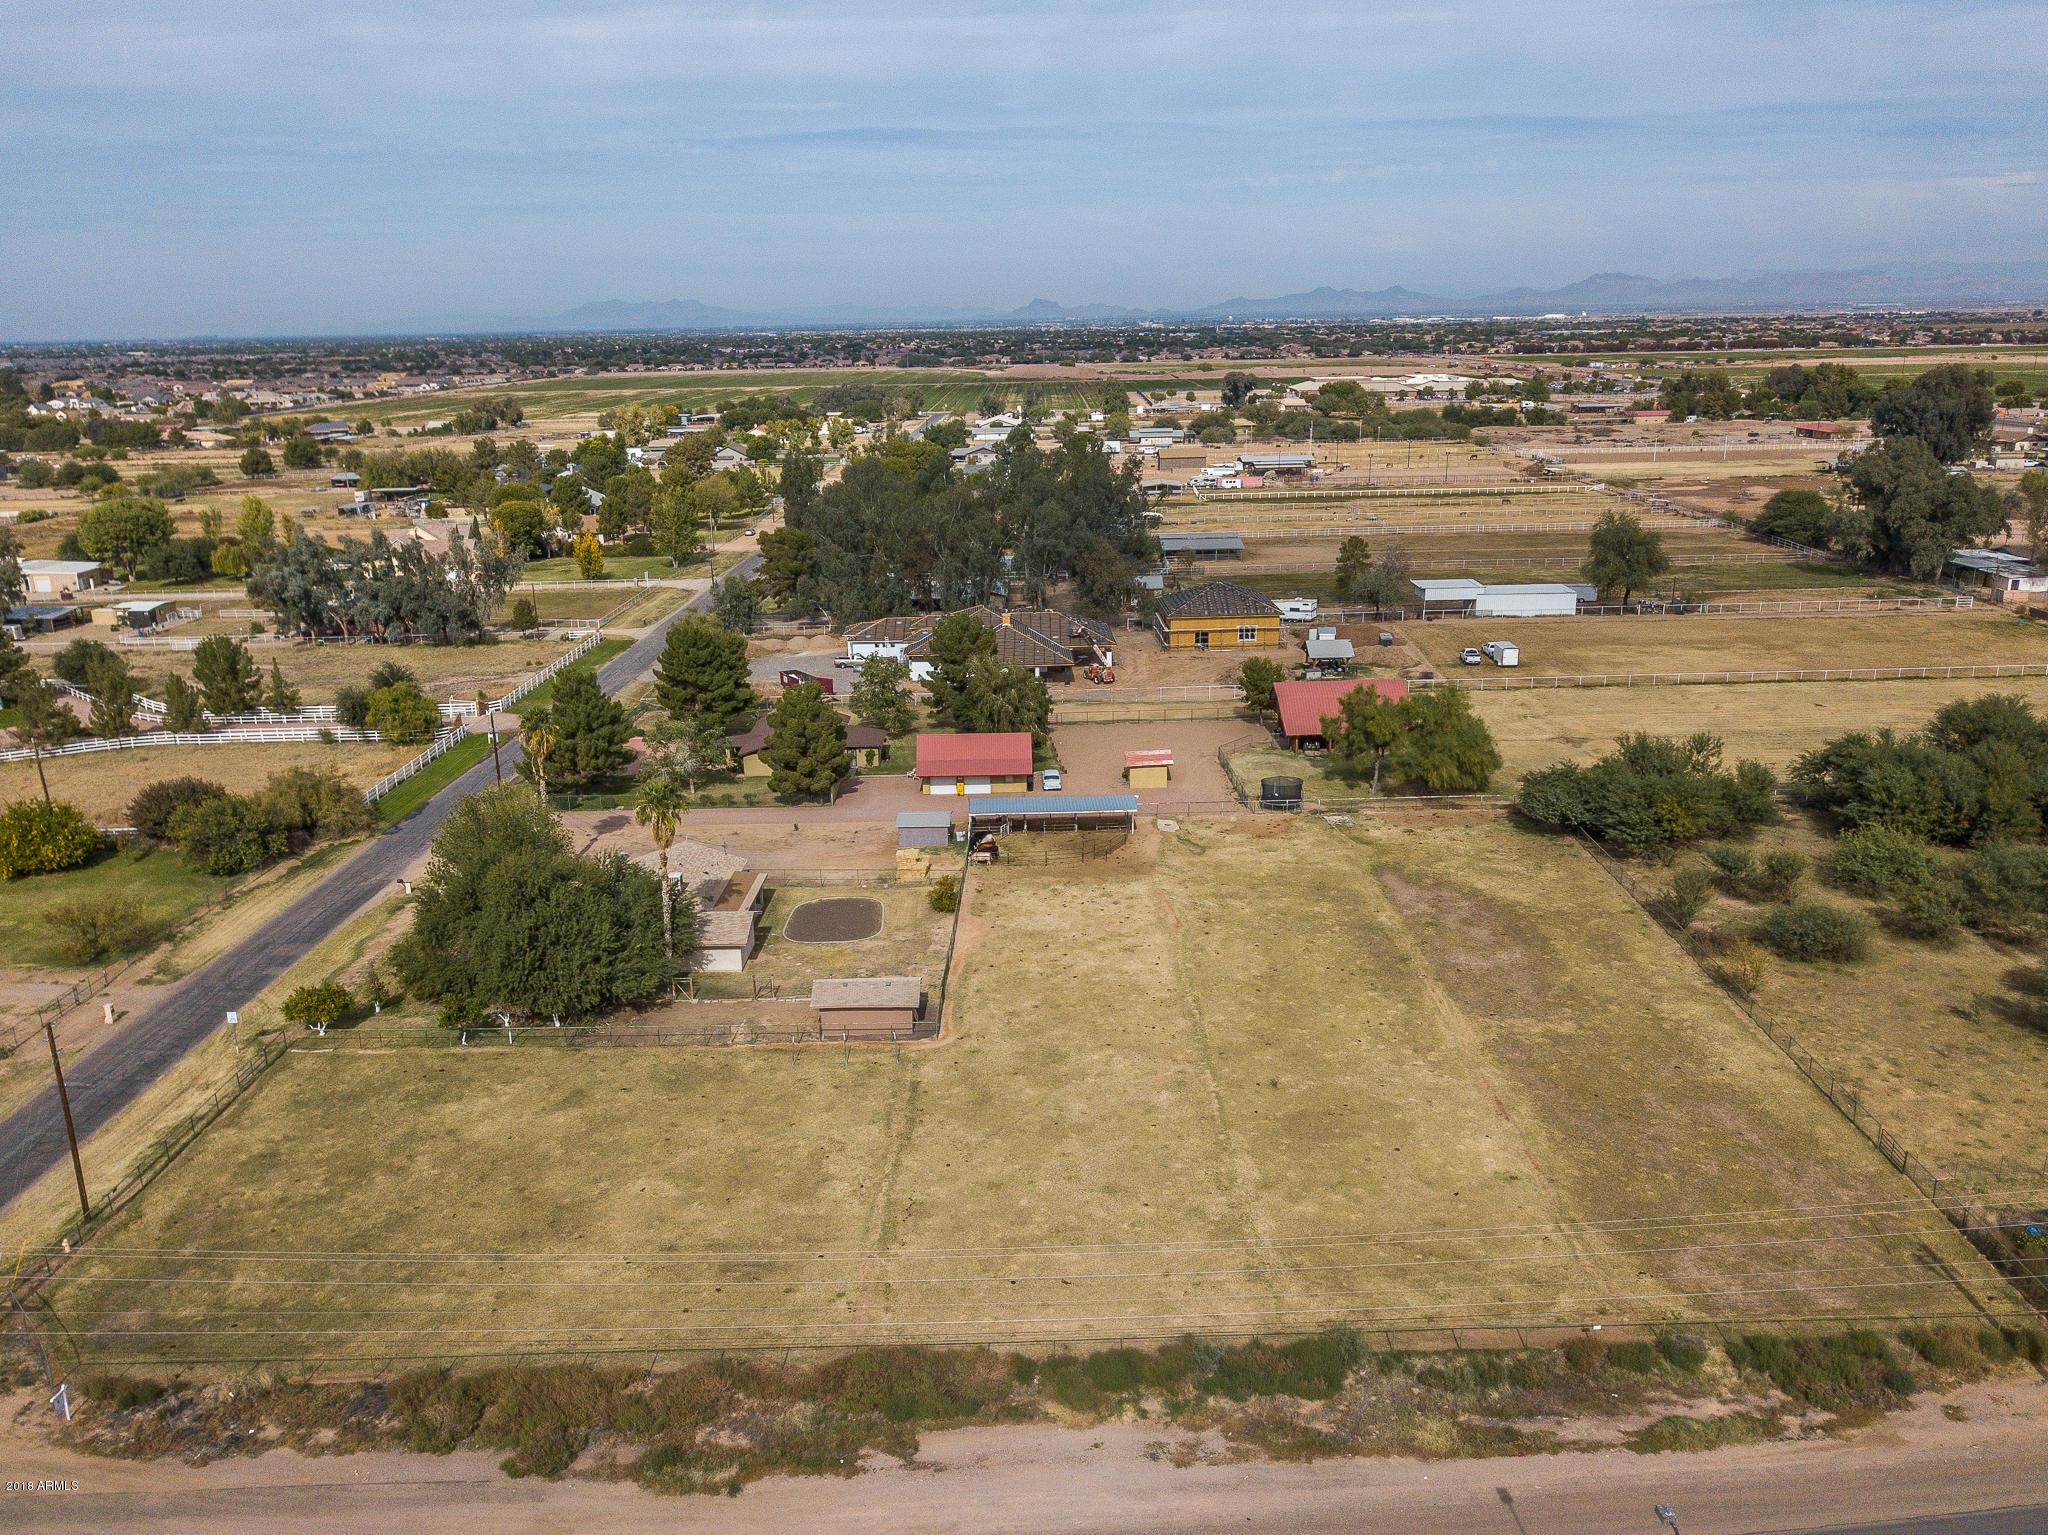 MLS 5848679 23517 S 182ND Street, Gilbert, AZ 85298 Gilbert AZ Equestrian